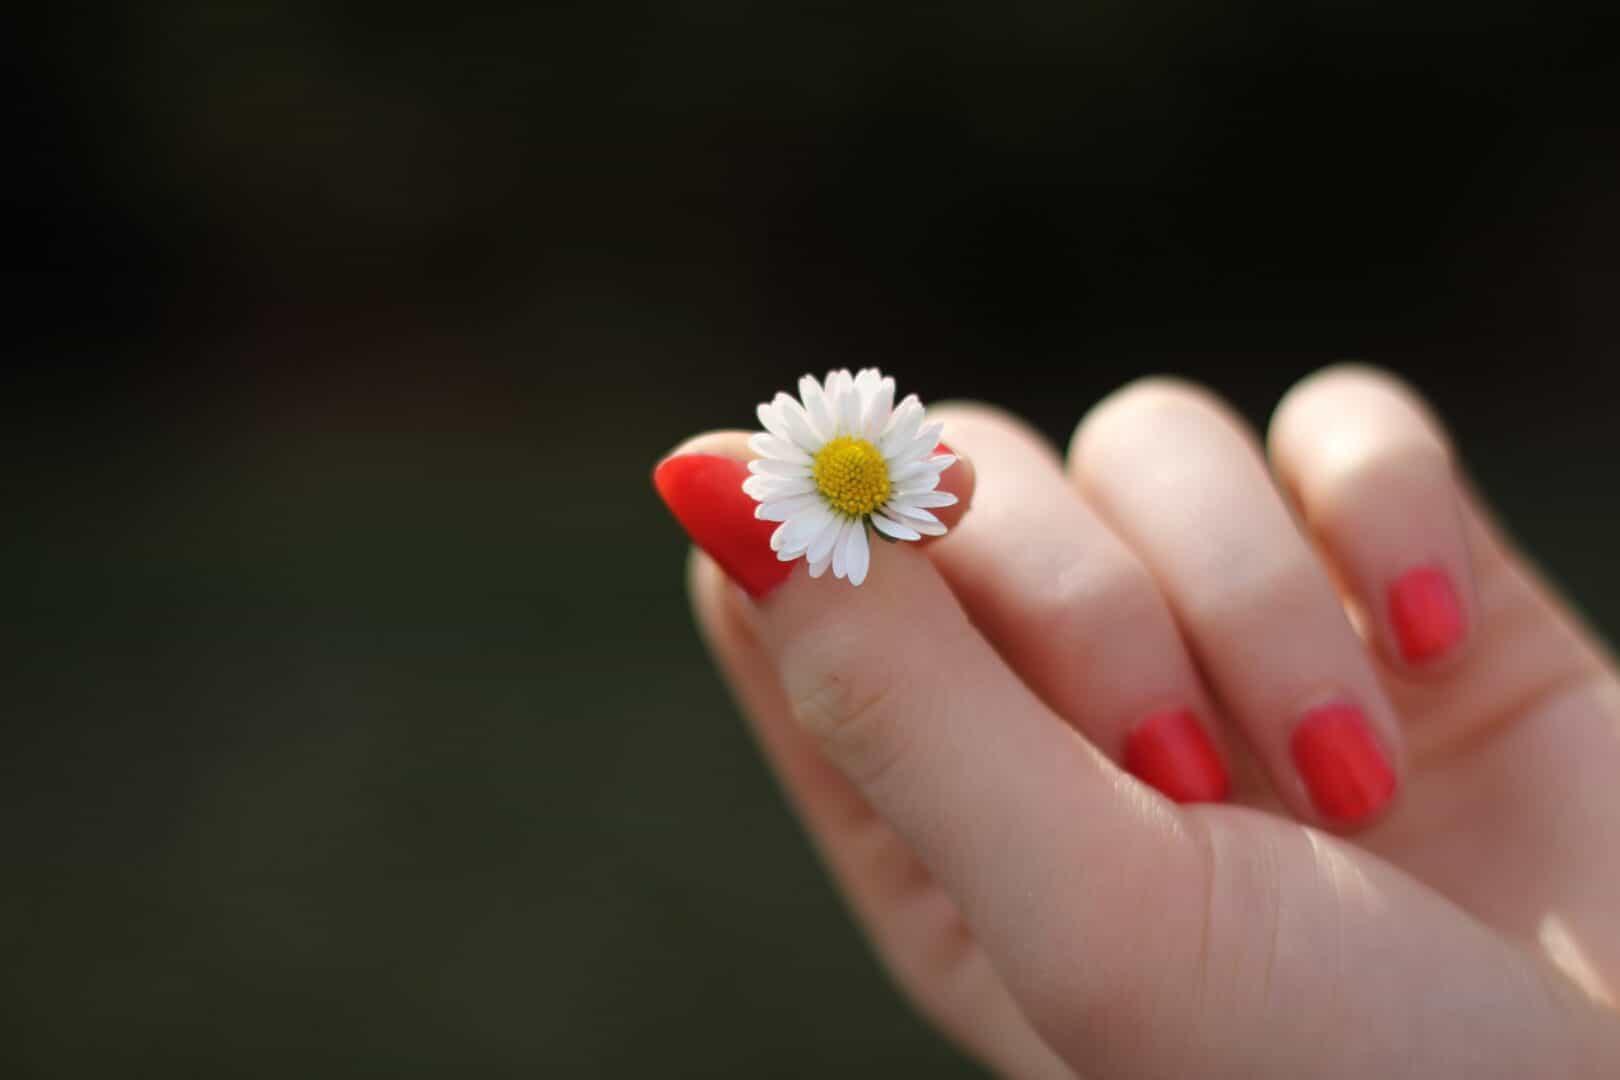 Haarausfall und brüchige Fingernägel